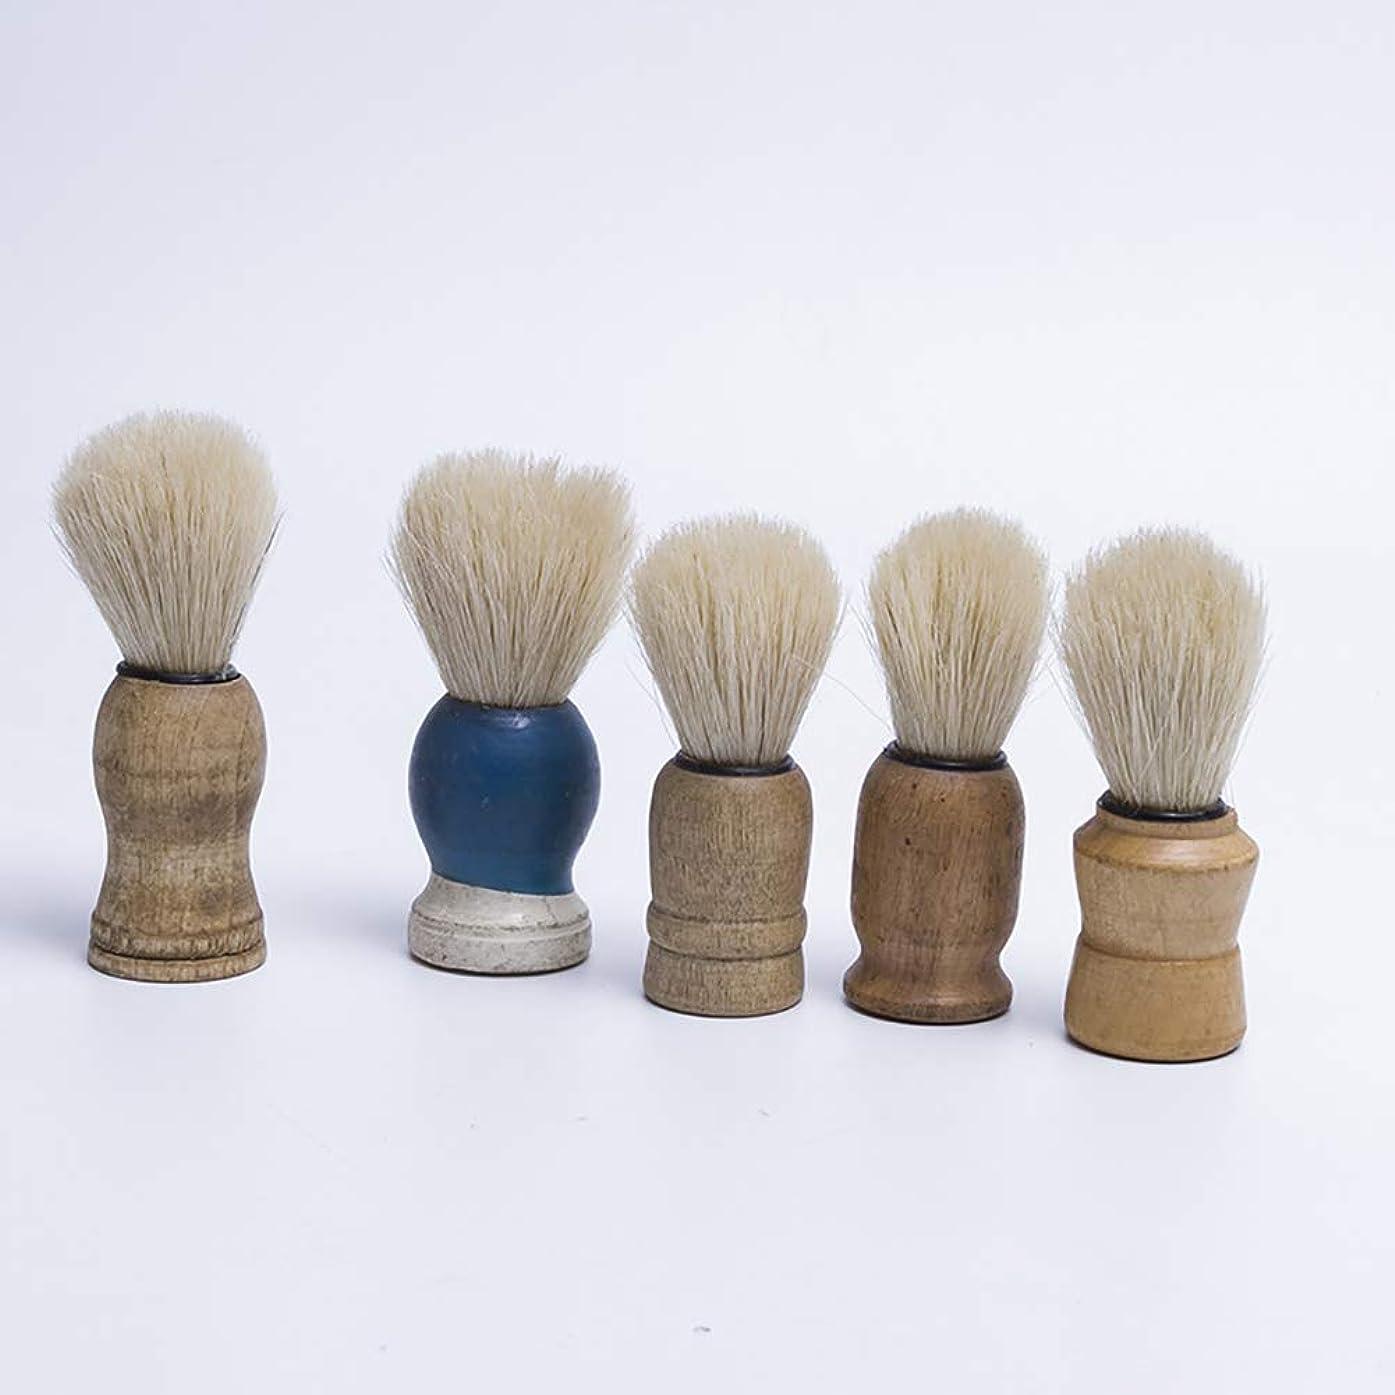 バラ色忠誠飲料ACHICOO 木製 ハンドルが付いている人 髭そり ブラシ 大広間 クリーニング 電気器具 剃毛用具 ブラシを剃っている人